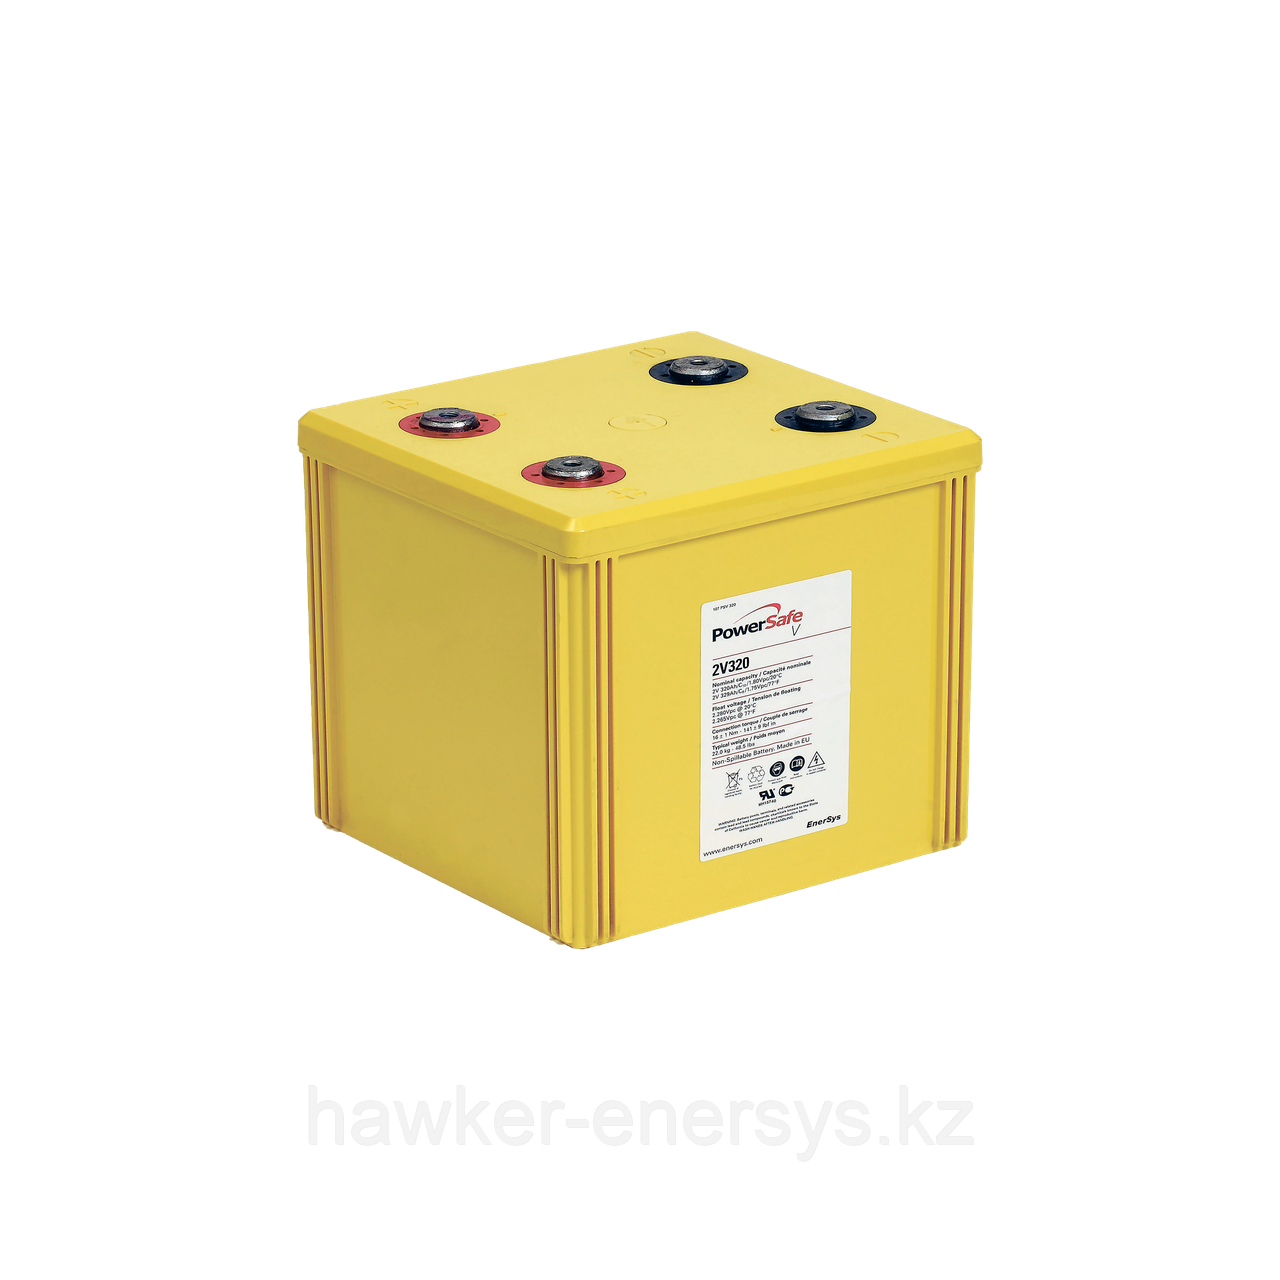 PowerSafe 2V320